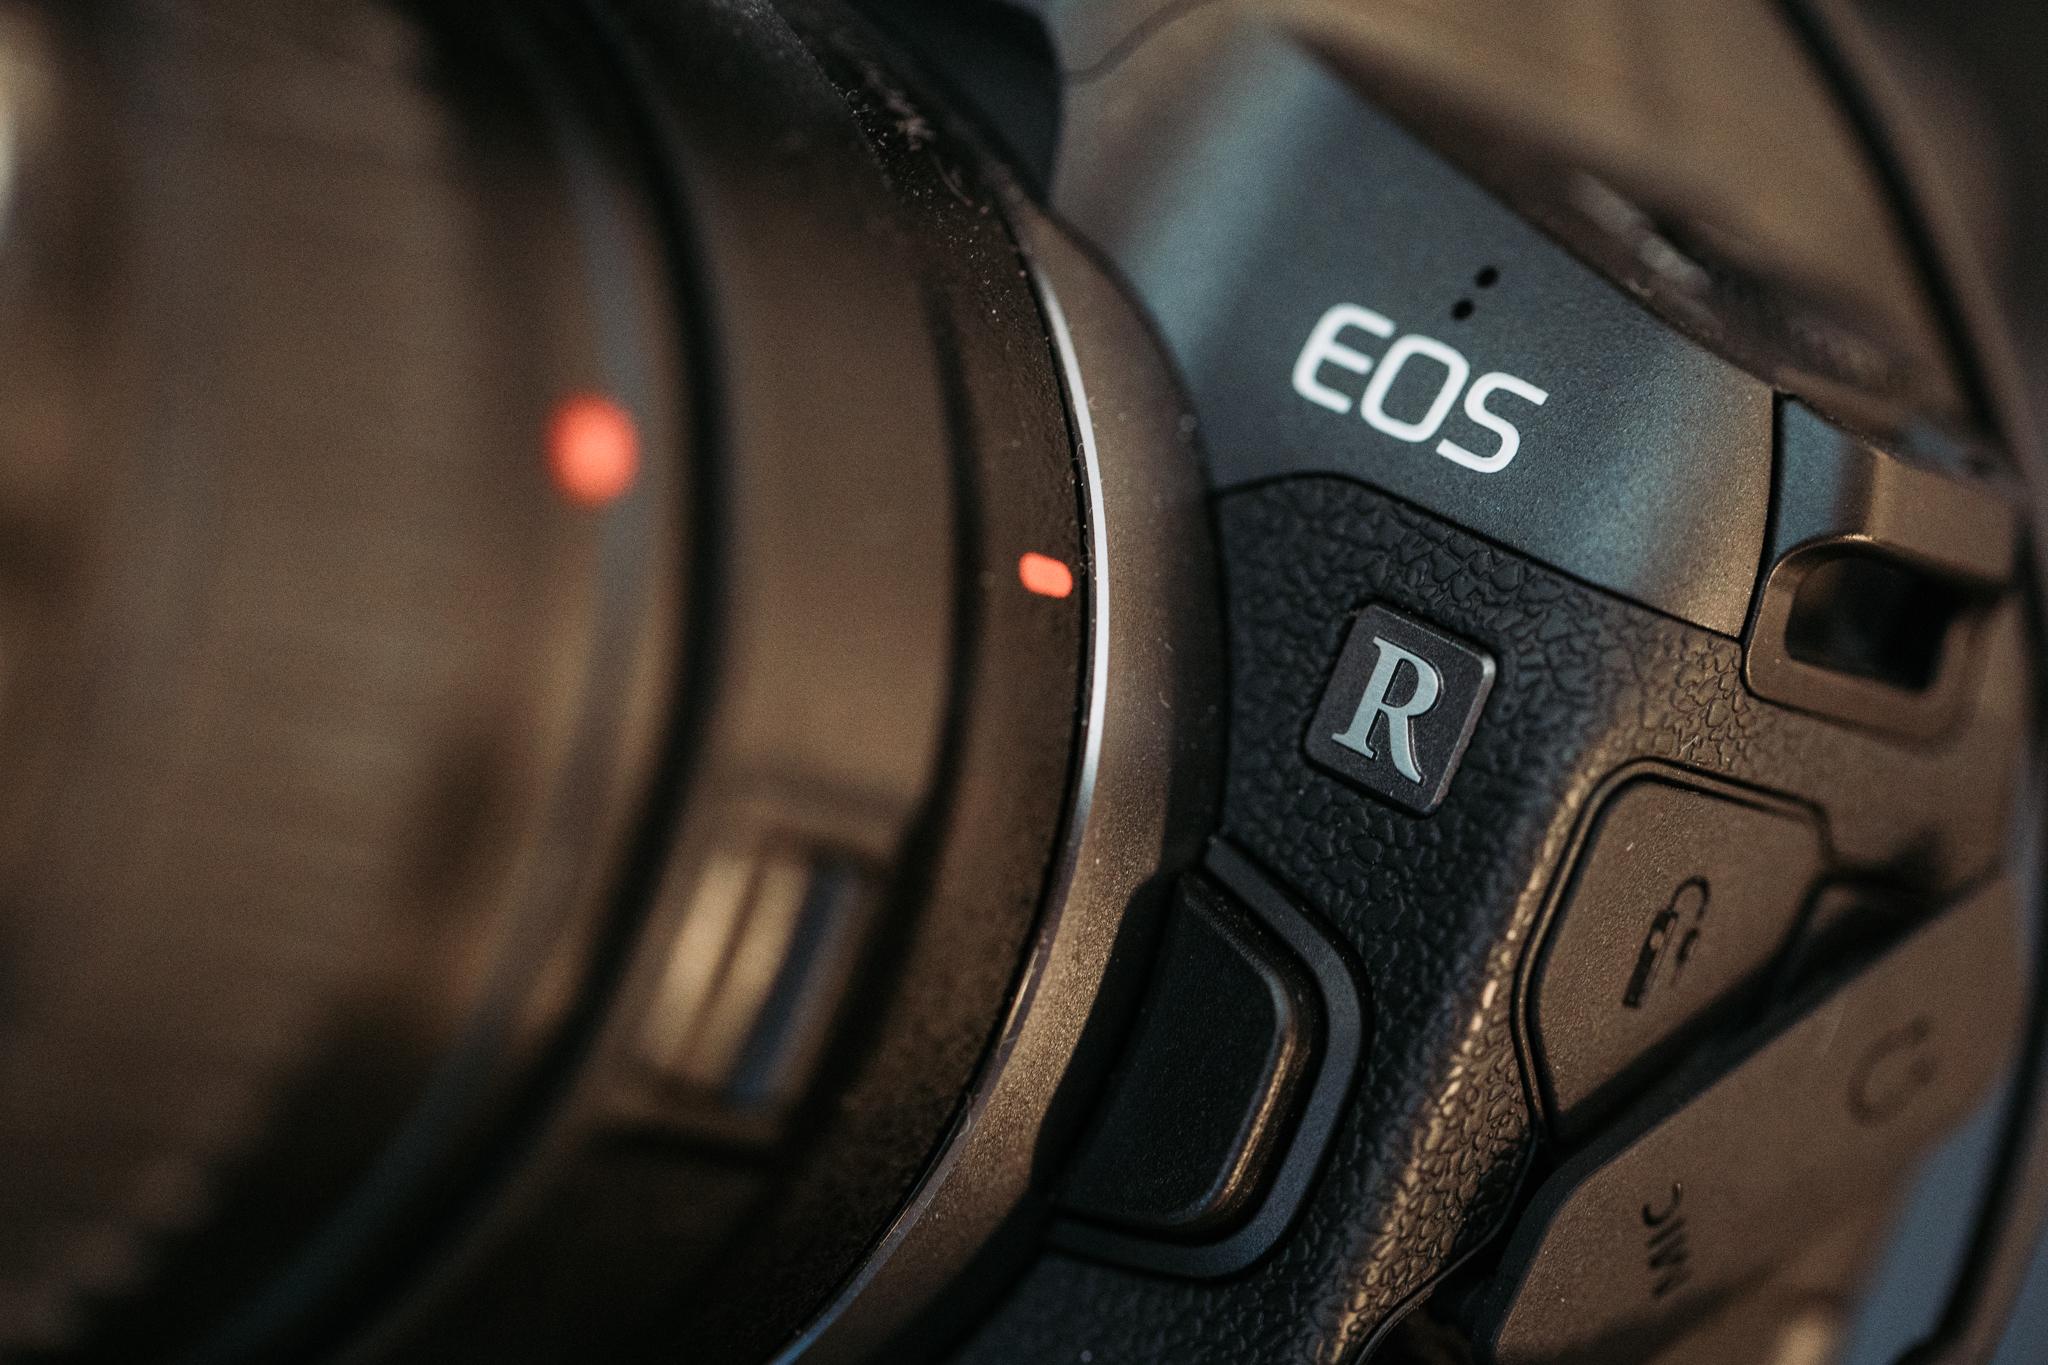 Full-frame Canon mirrorless